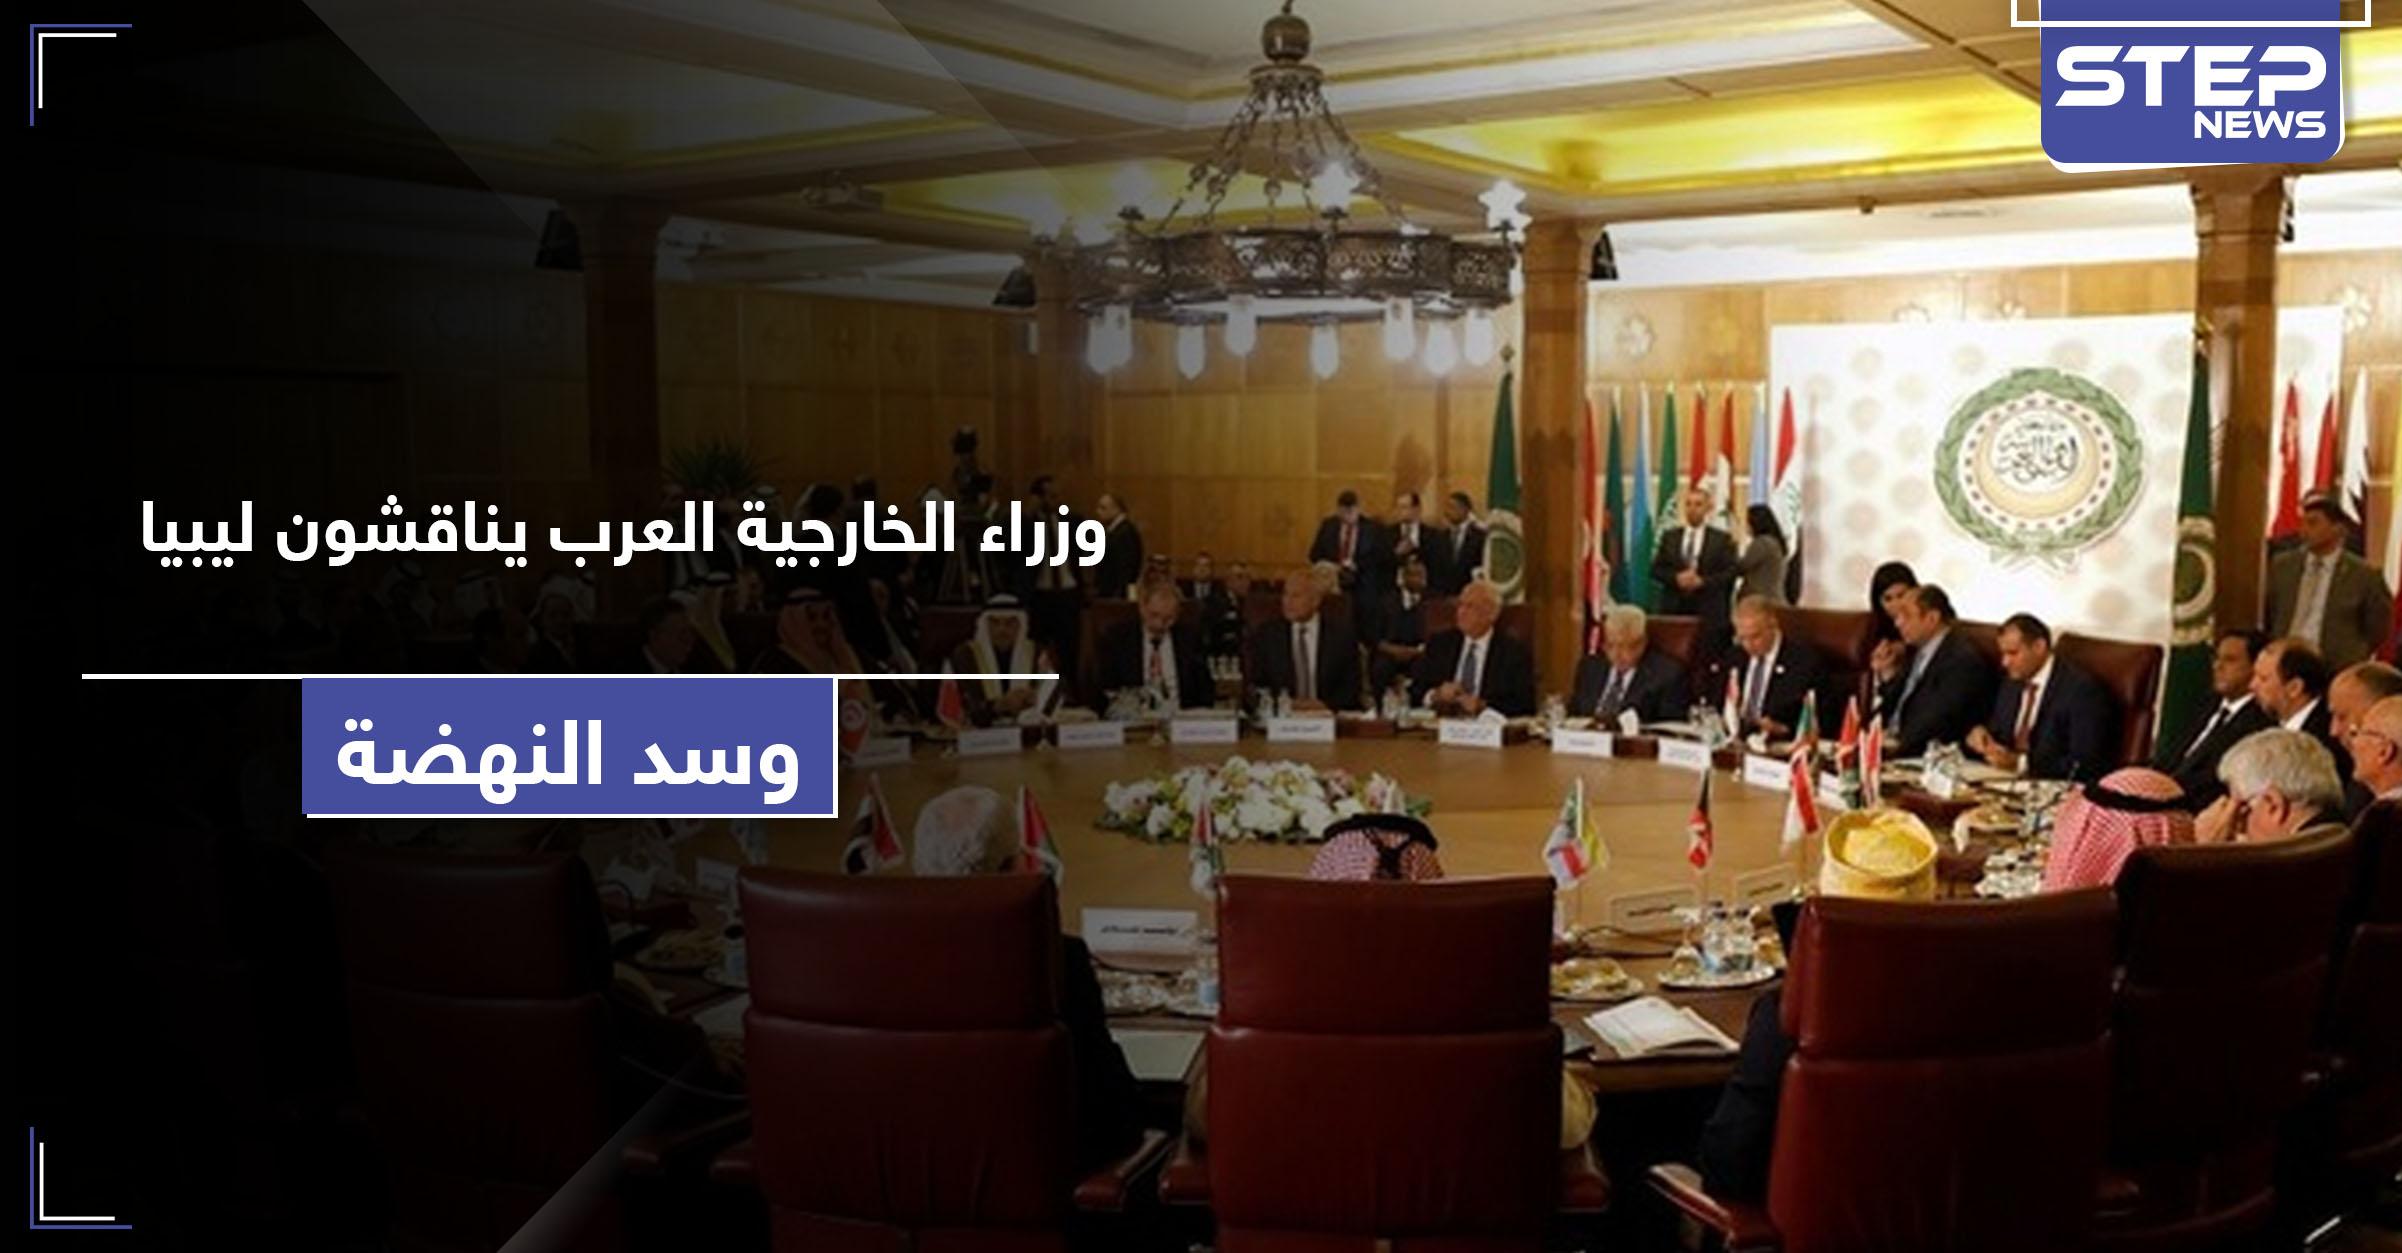 وزراء الخارجية العرب يتناولون قضايا ليبيا وسد النهضة